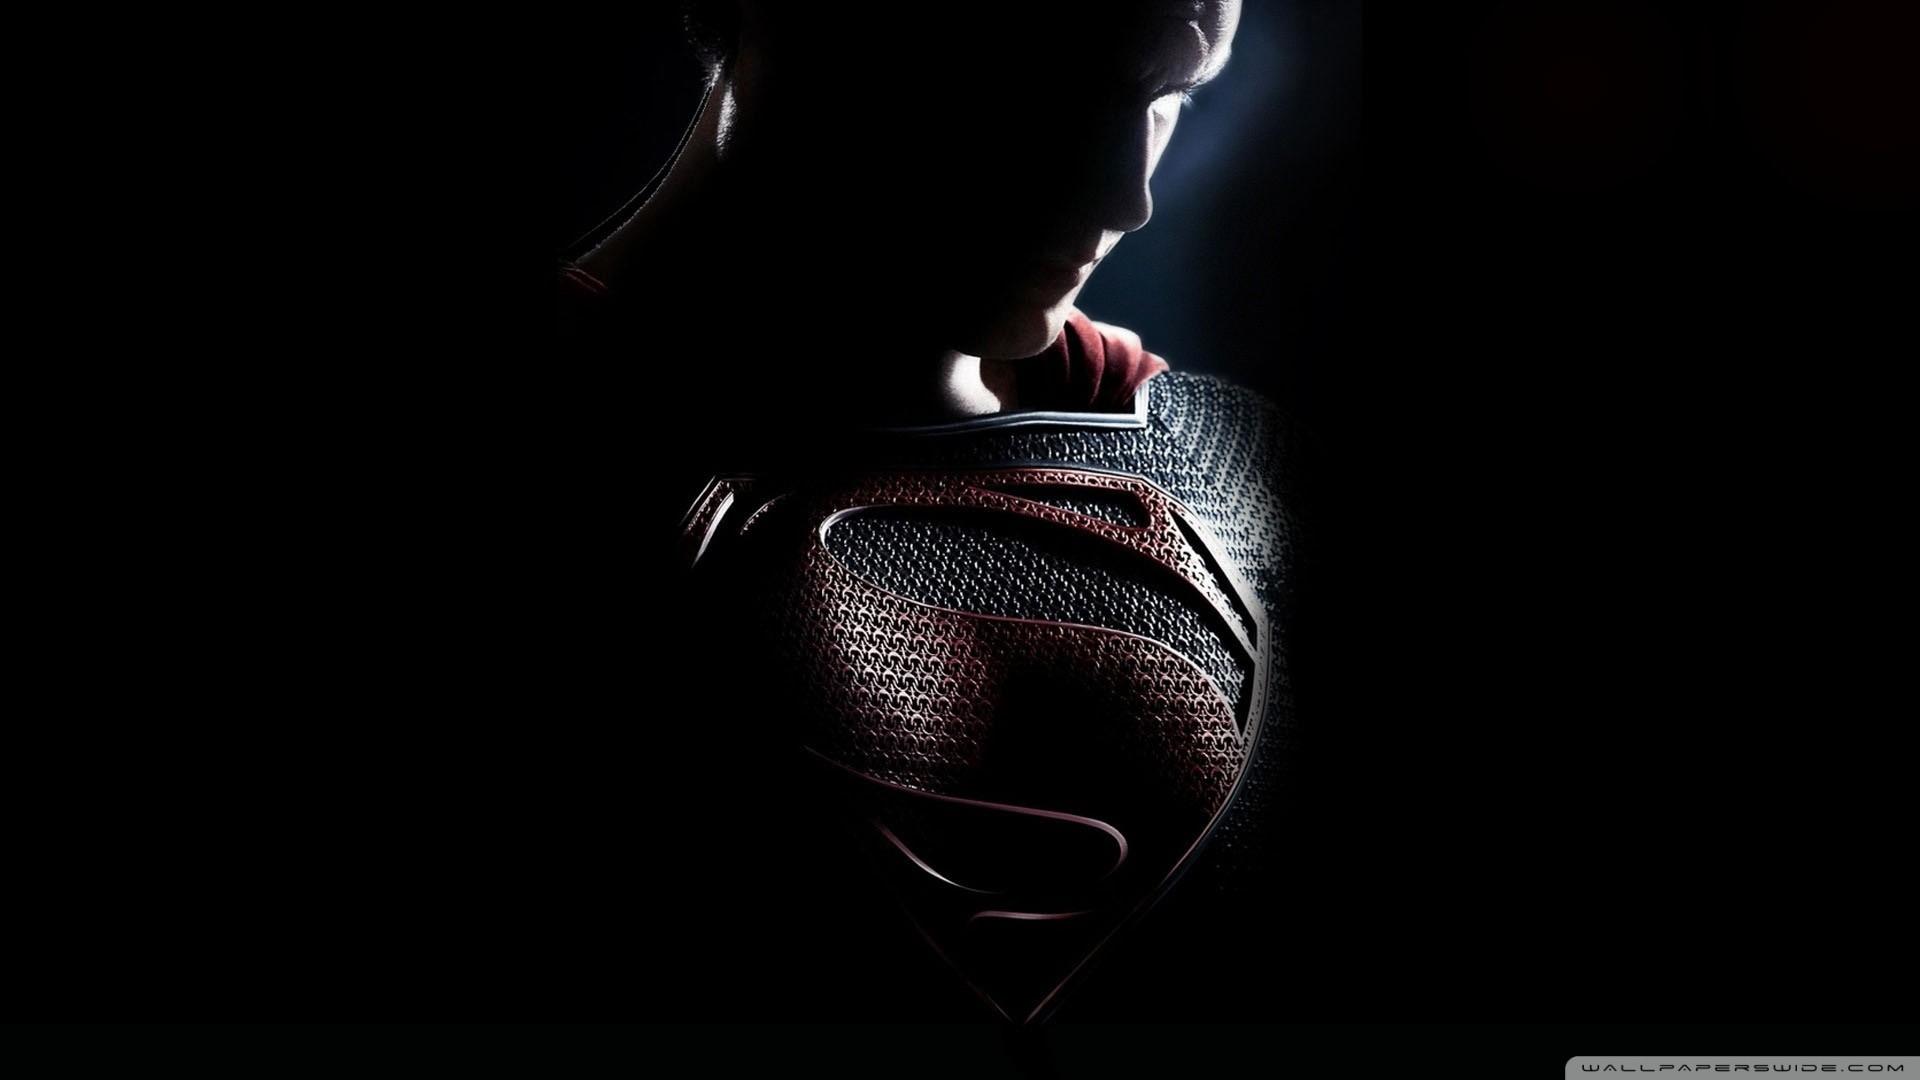 Res: 1920x1080, Man Of Steel 2013 Superman HD Wide Wallpaper for 4K UHD Widescreen desktop  & smartphone